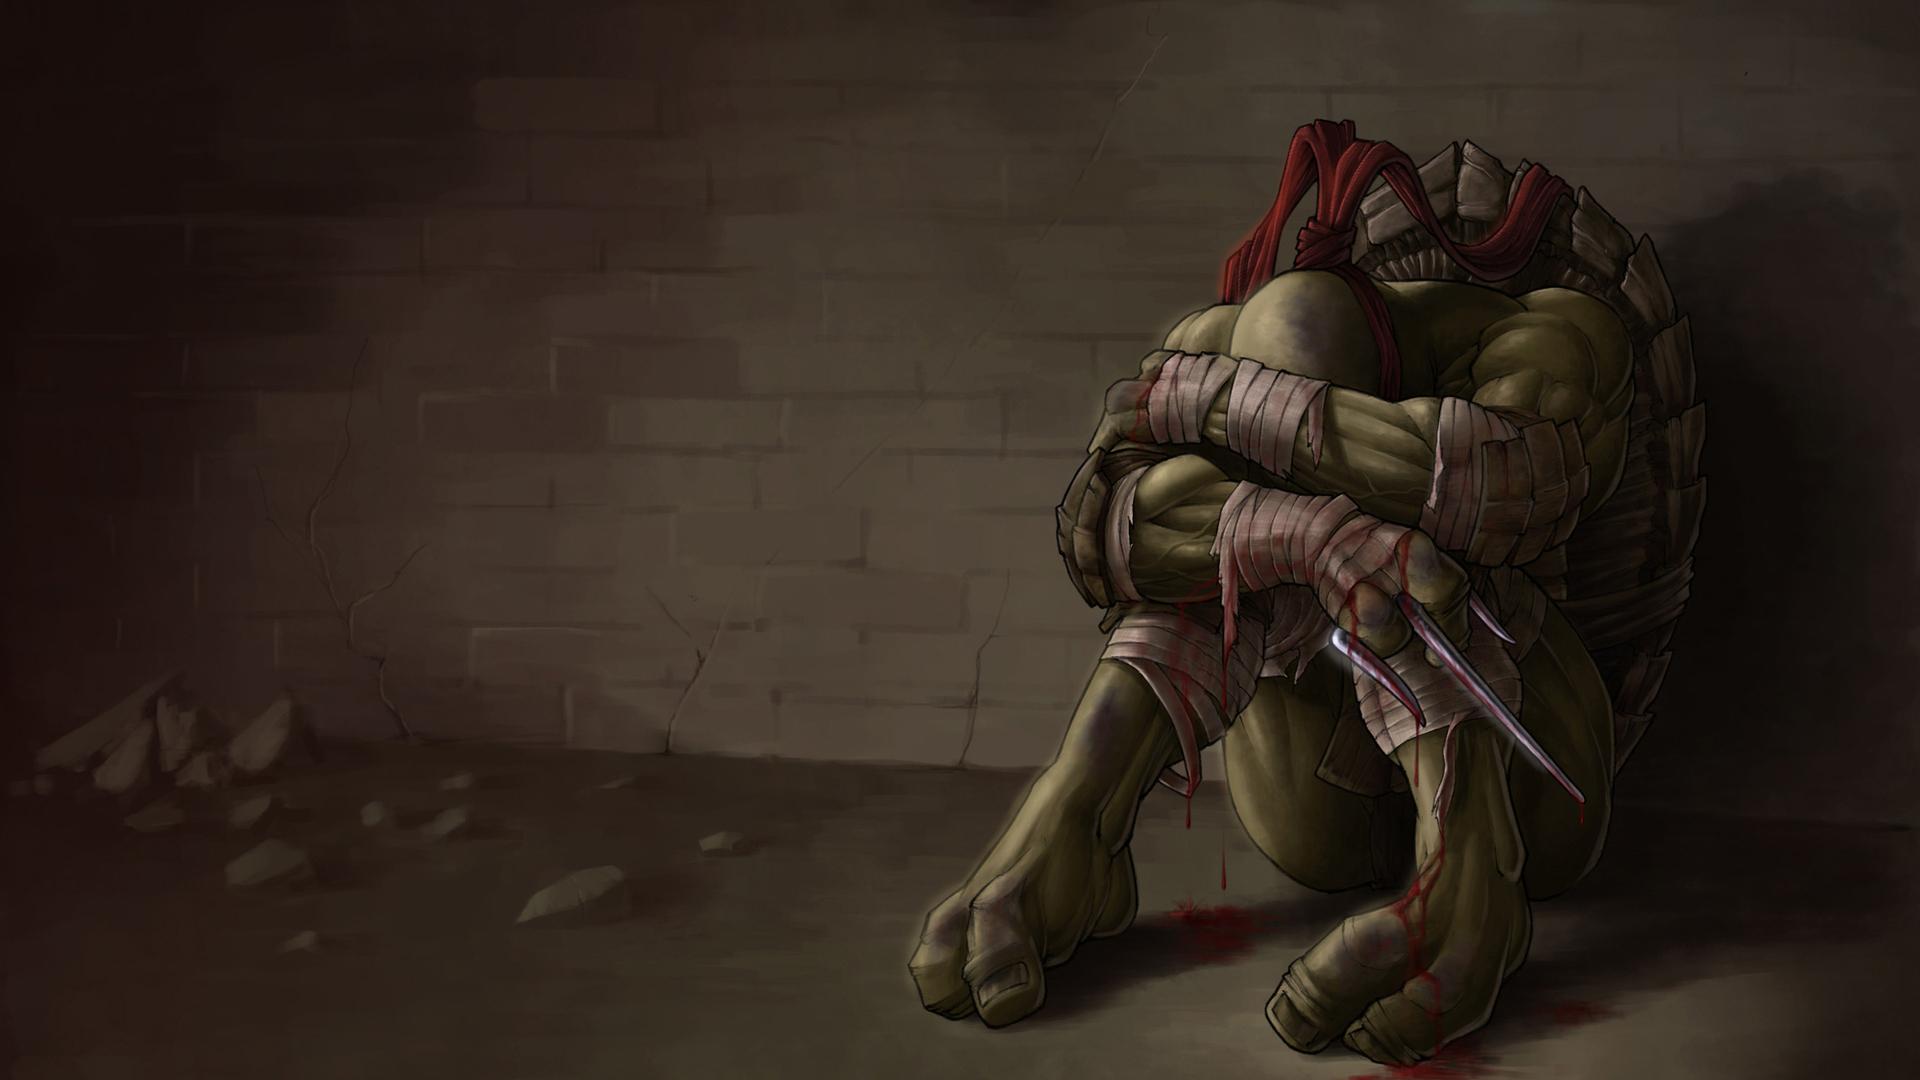 Rafael Teenage Mutant Ninja Turtles Raphael - HD Wallpaper